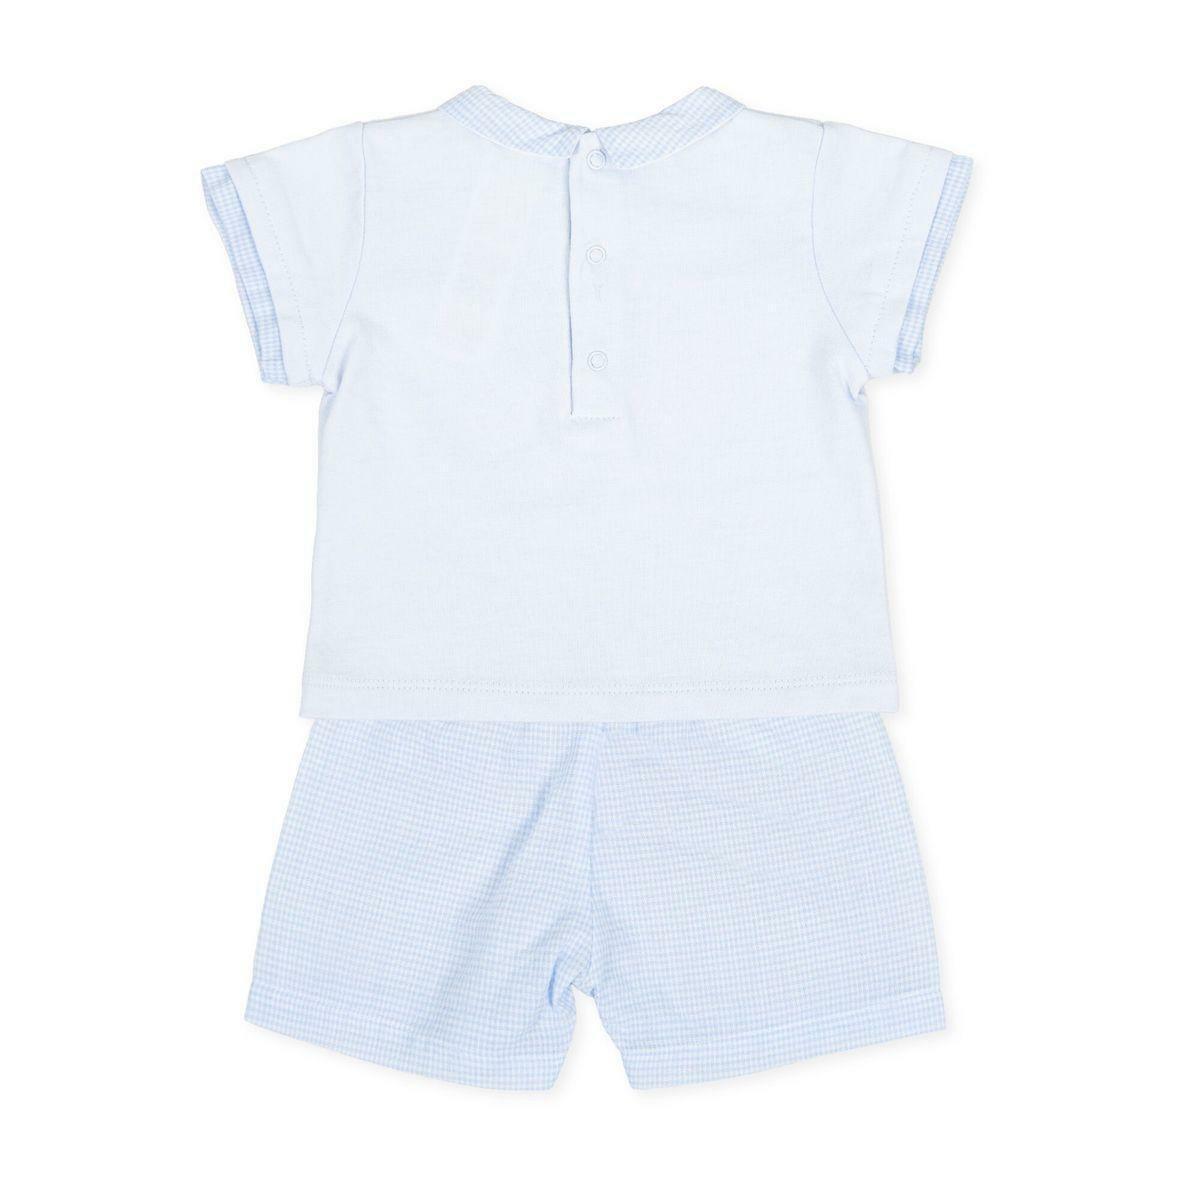 tutto piccolo tutto piccolo completo 2 pezzi neonato bianco azzurro 8684s20